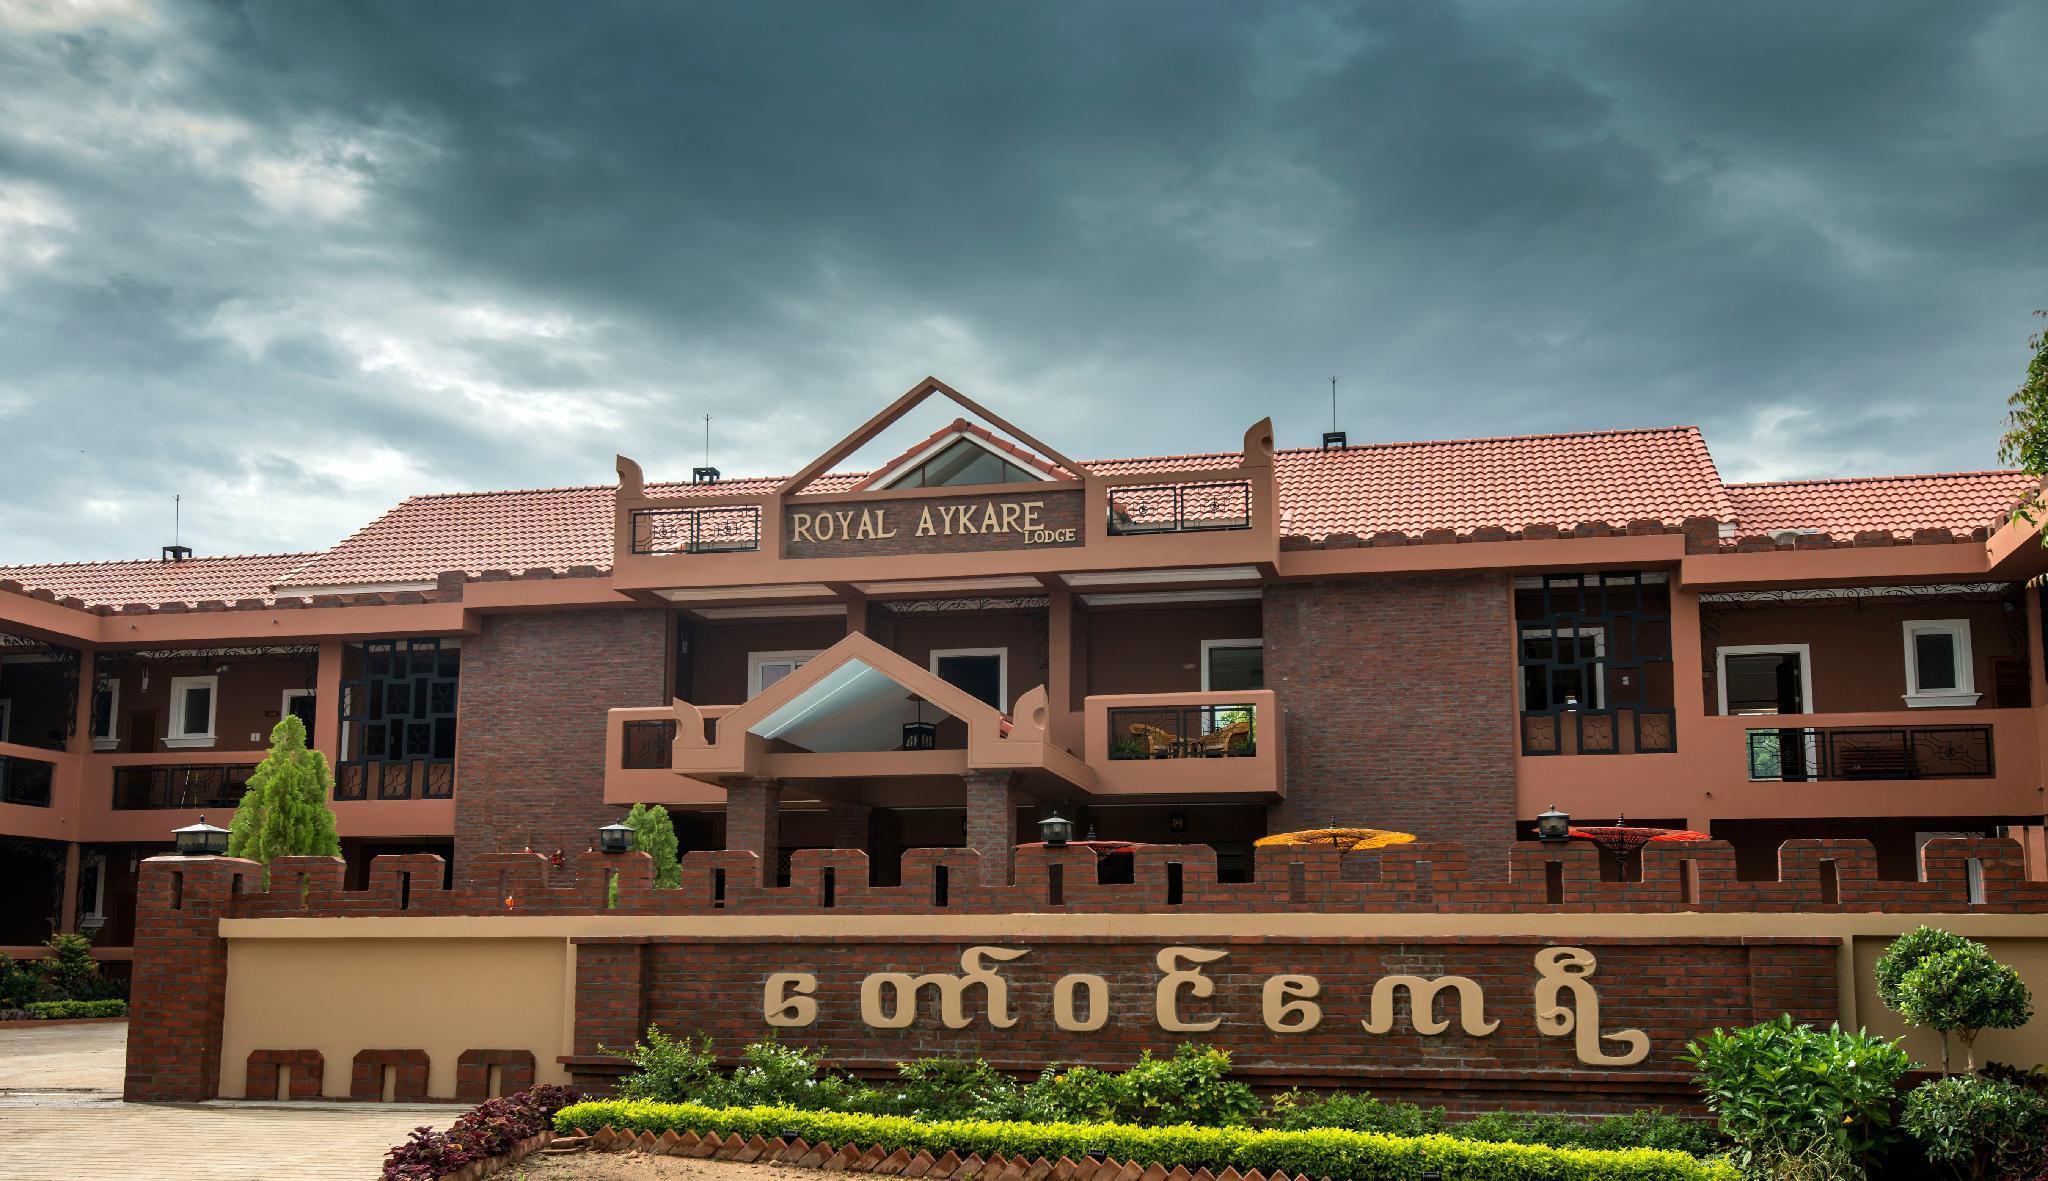 Royal Aykare Lodge